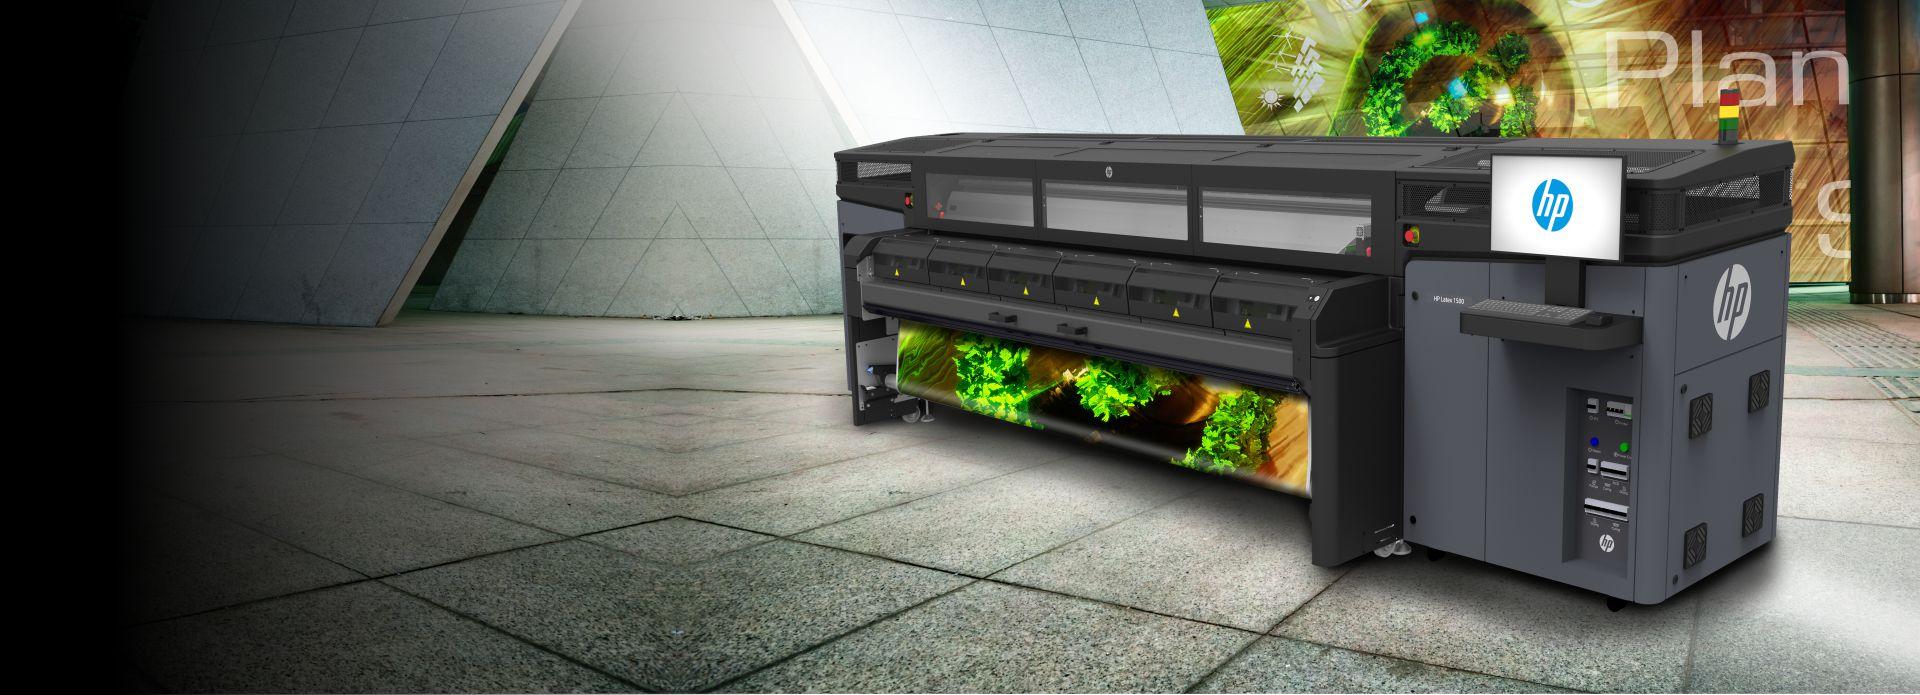 HP Latex 1500   HP Latex